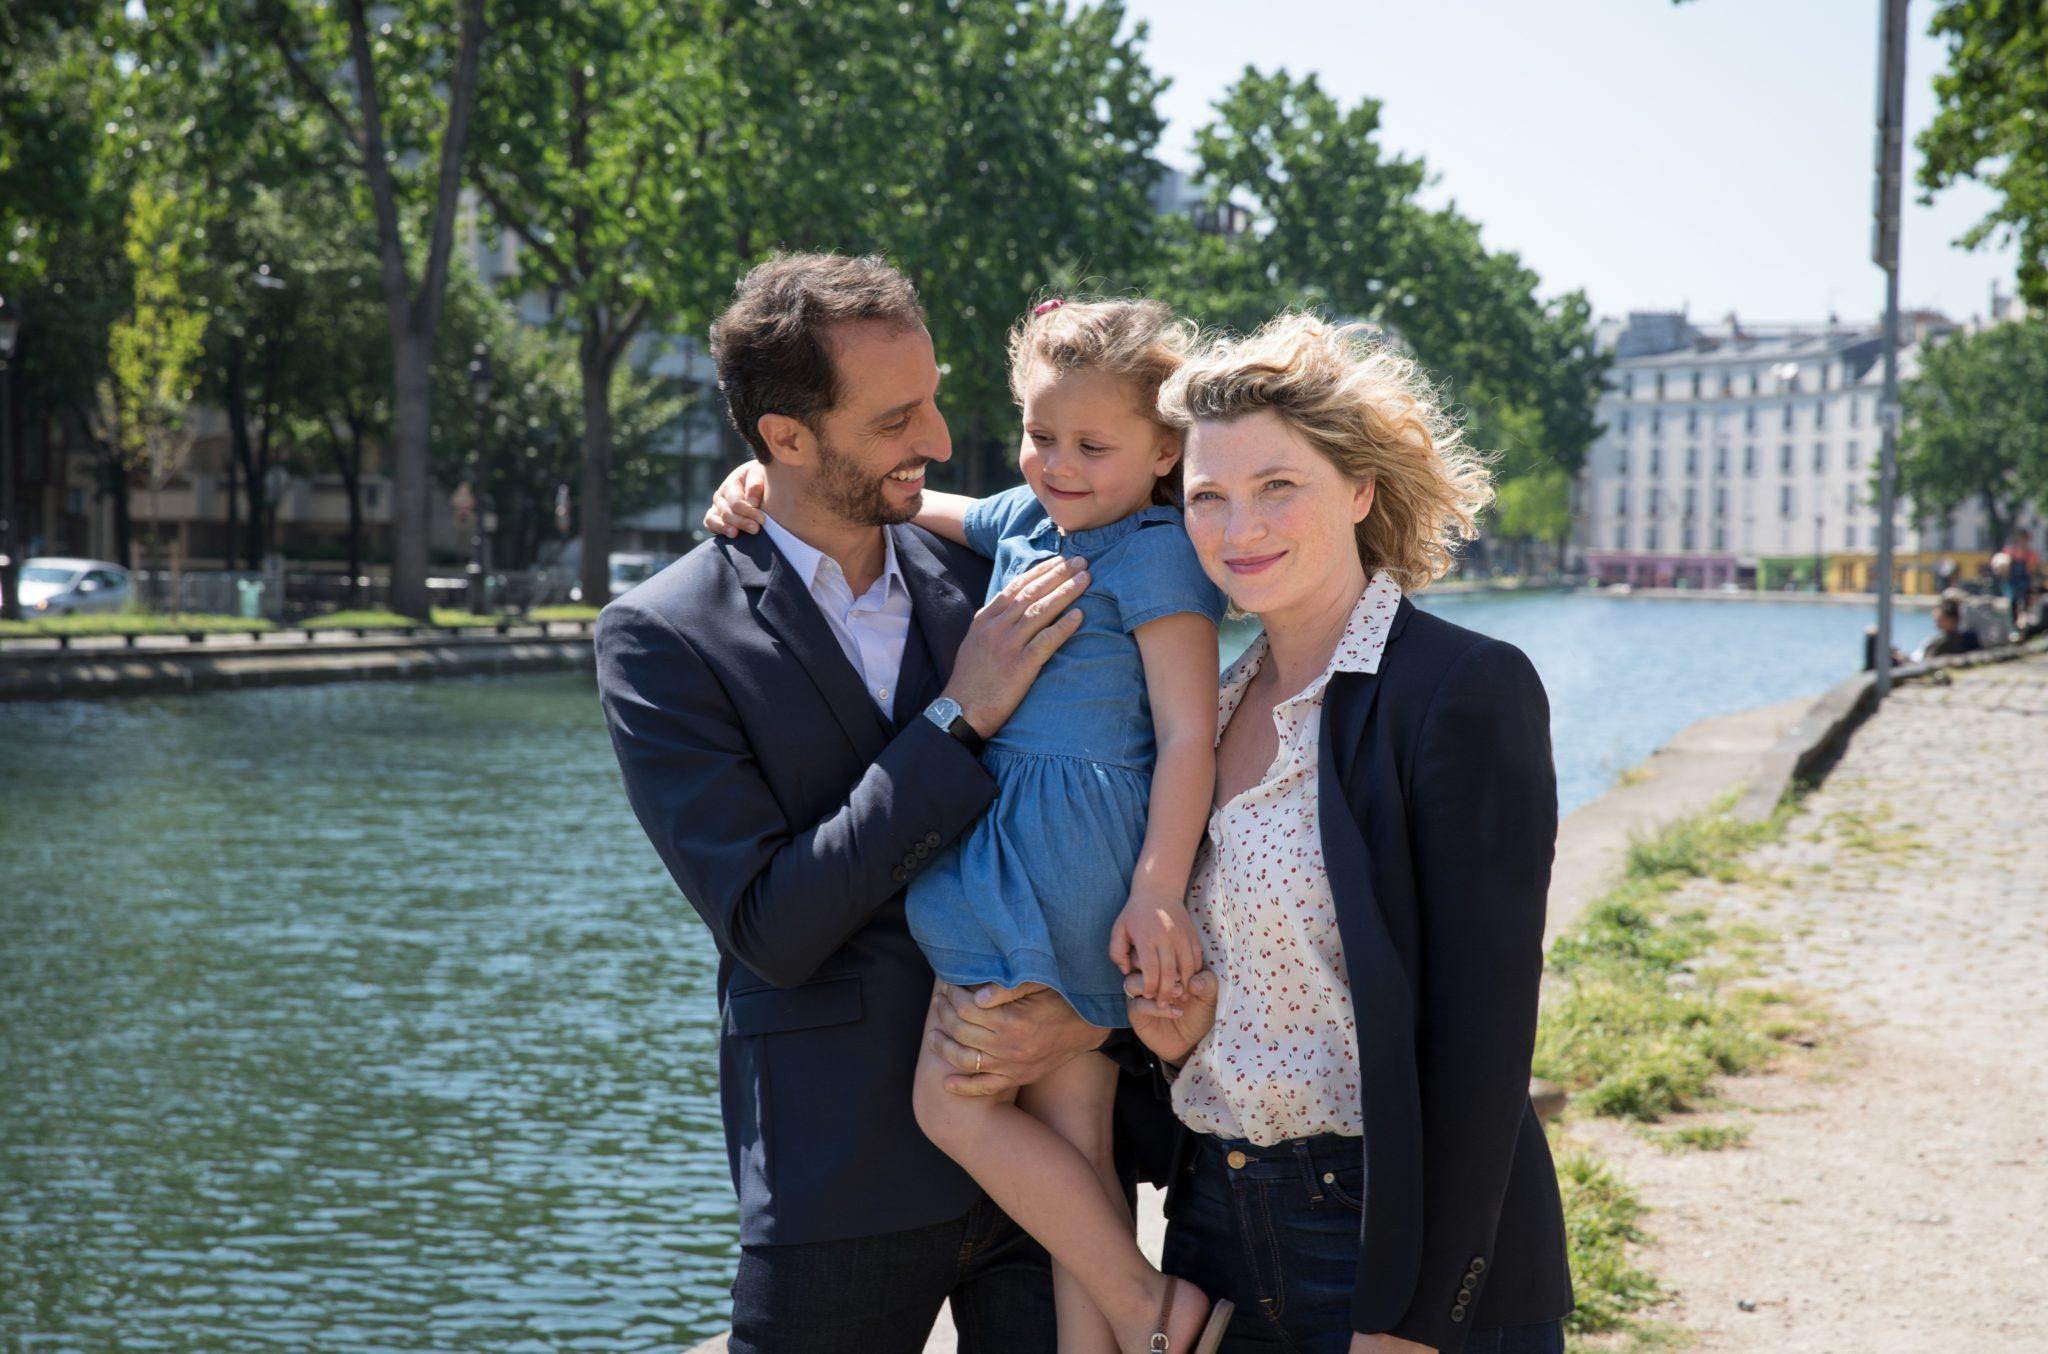 """[Critique] """"Tu vivras ma fille"""" (2018) avec Cécile Bois, Arié Elmaleh et Hugo Becker 9 image"""